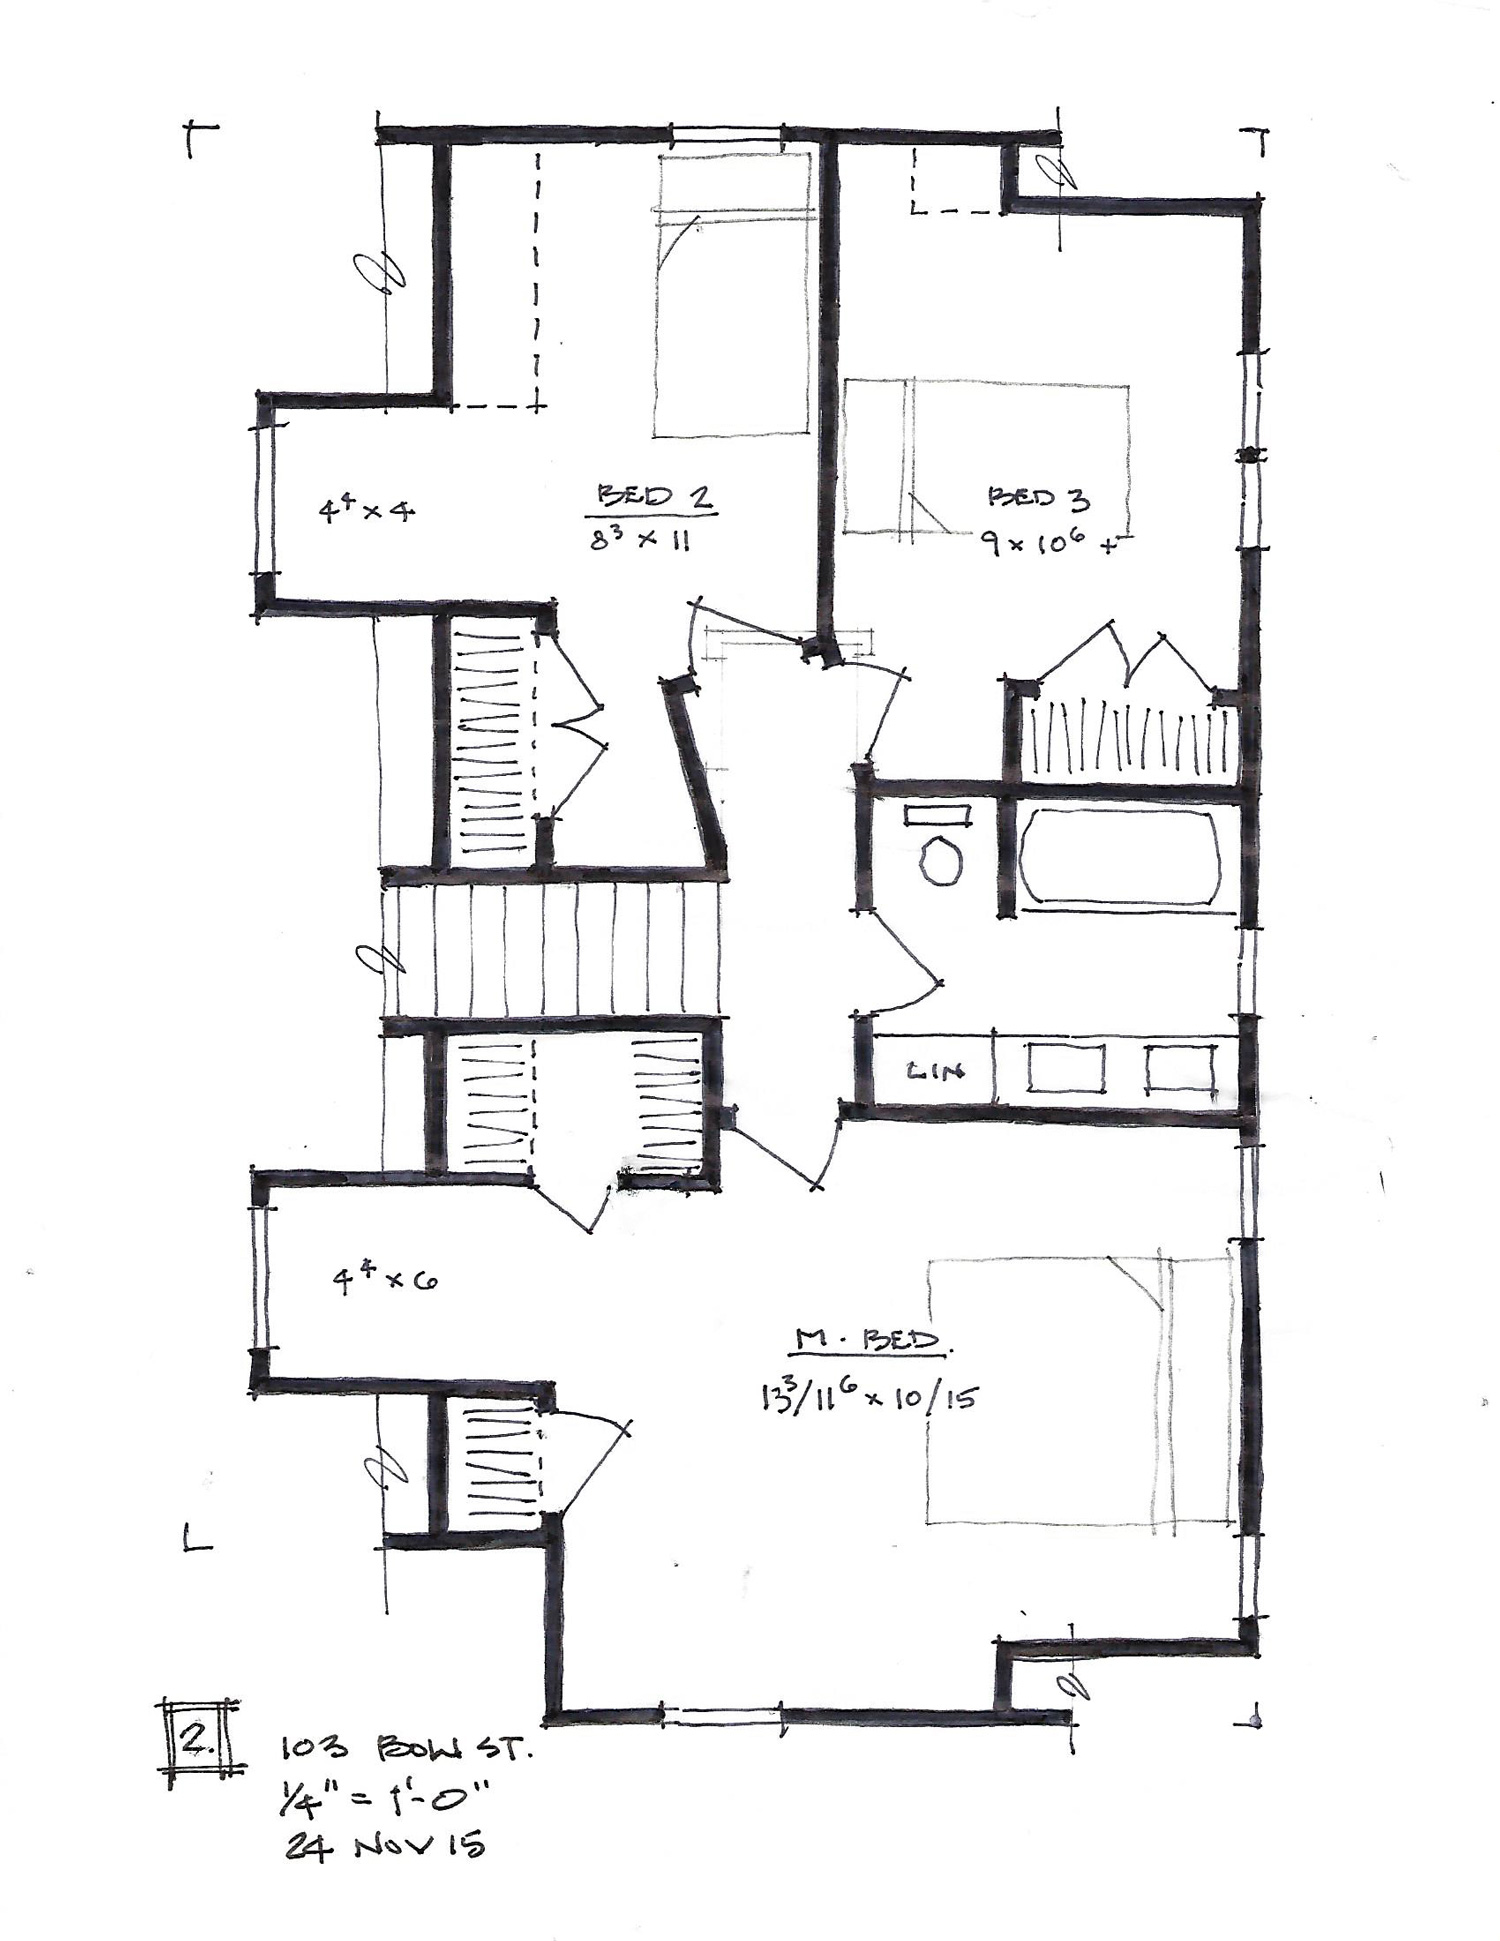 Plan-2-of-3.jpg